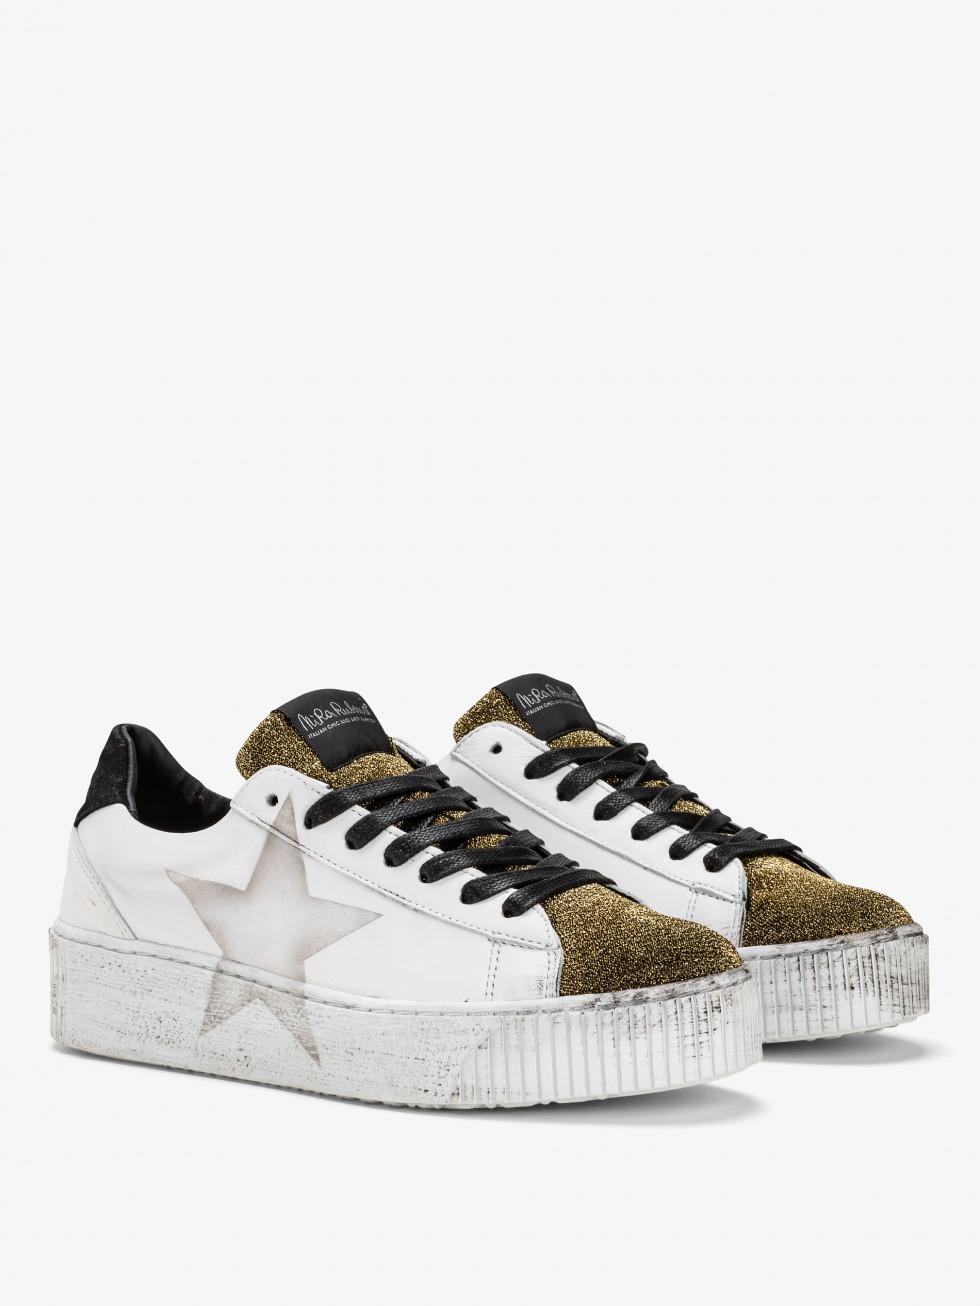 Cosmopolitan Sneakers - Glam Gold Star